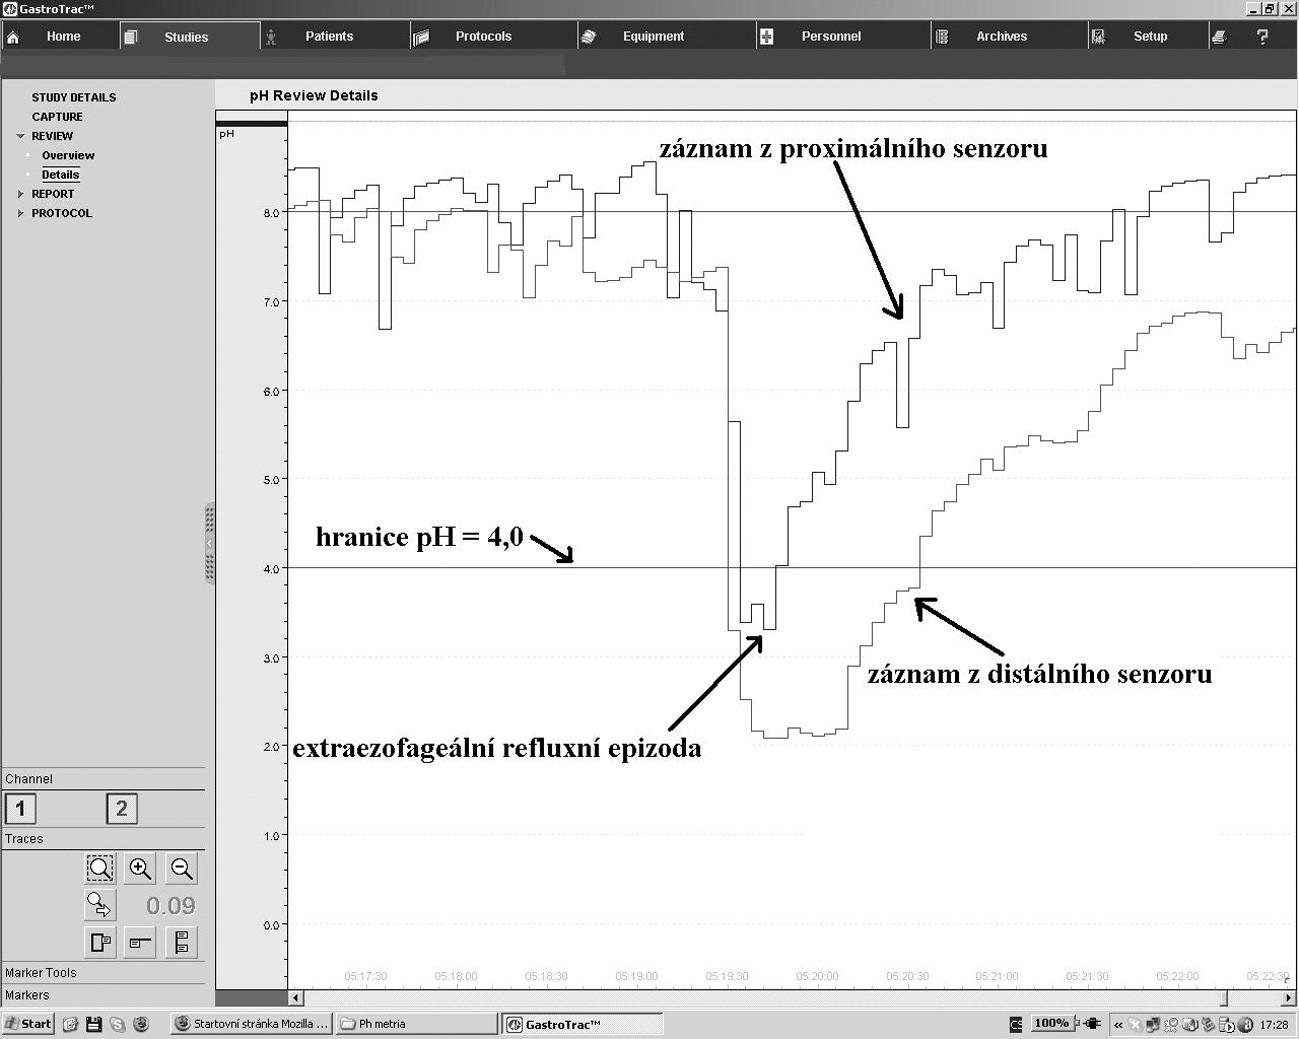 Záznam dvoukanálové pH–metrie. Proximální senzor je umístěn nad úroveň horního jícnového svěrače. Distální senzor je 15 cm pod ním. Na obrázku je zachycena část záznamu zobrazující extraezofageální refluxní epizodu splňující kritéria, které stanovil Postma (pokles pH ≤ 4,0, pokles v proximálním senzoru následuje ihned po poklesu v distálním senzoru, pokles pH je rychlý a ostrý a pacient nejí ani nepije).